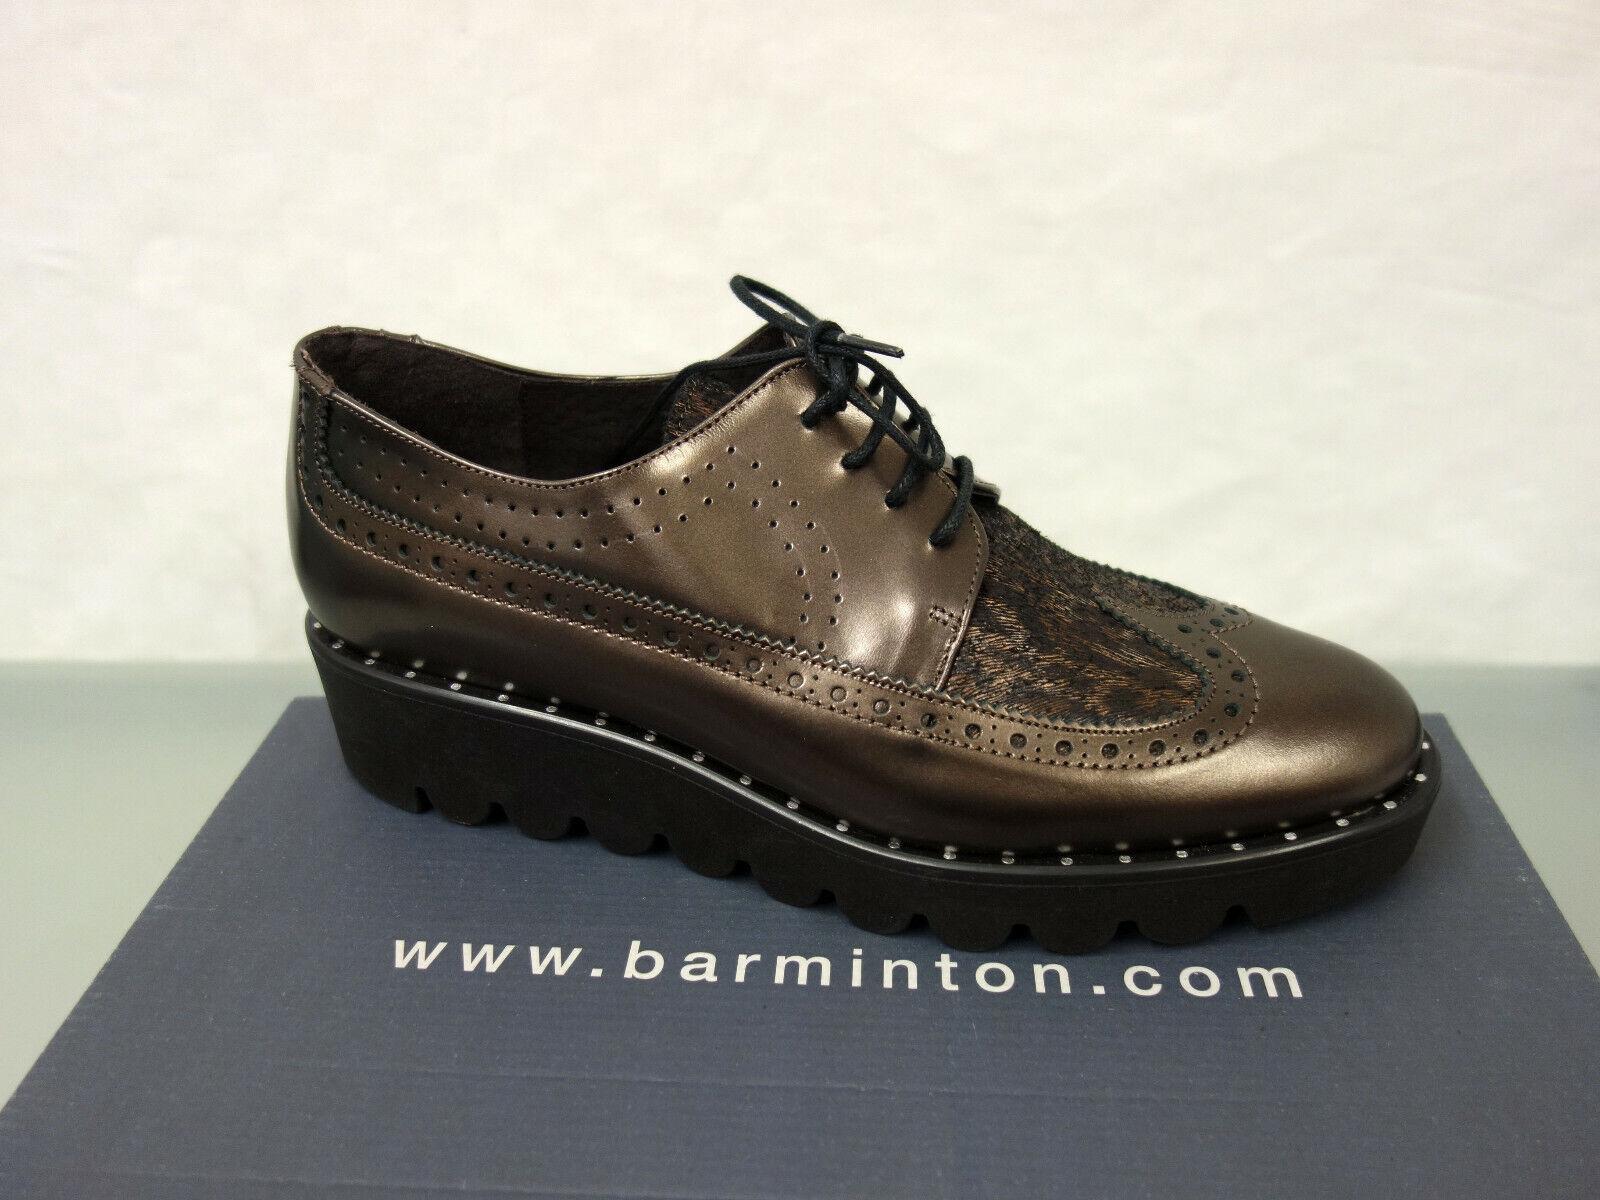 Nuevo barminton cuero con cordones talla 36 College zapatos Budapester tipo marrón